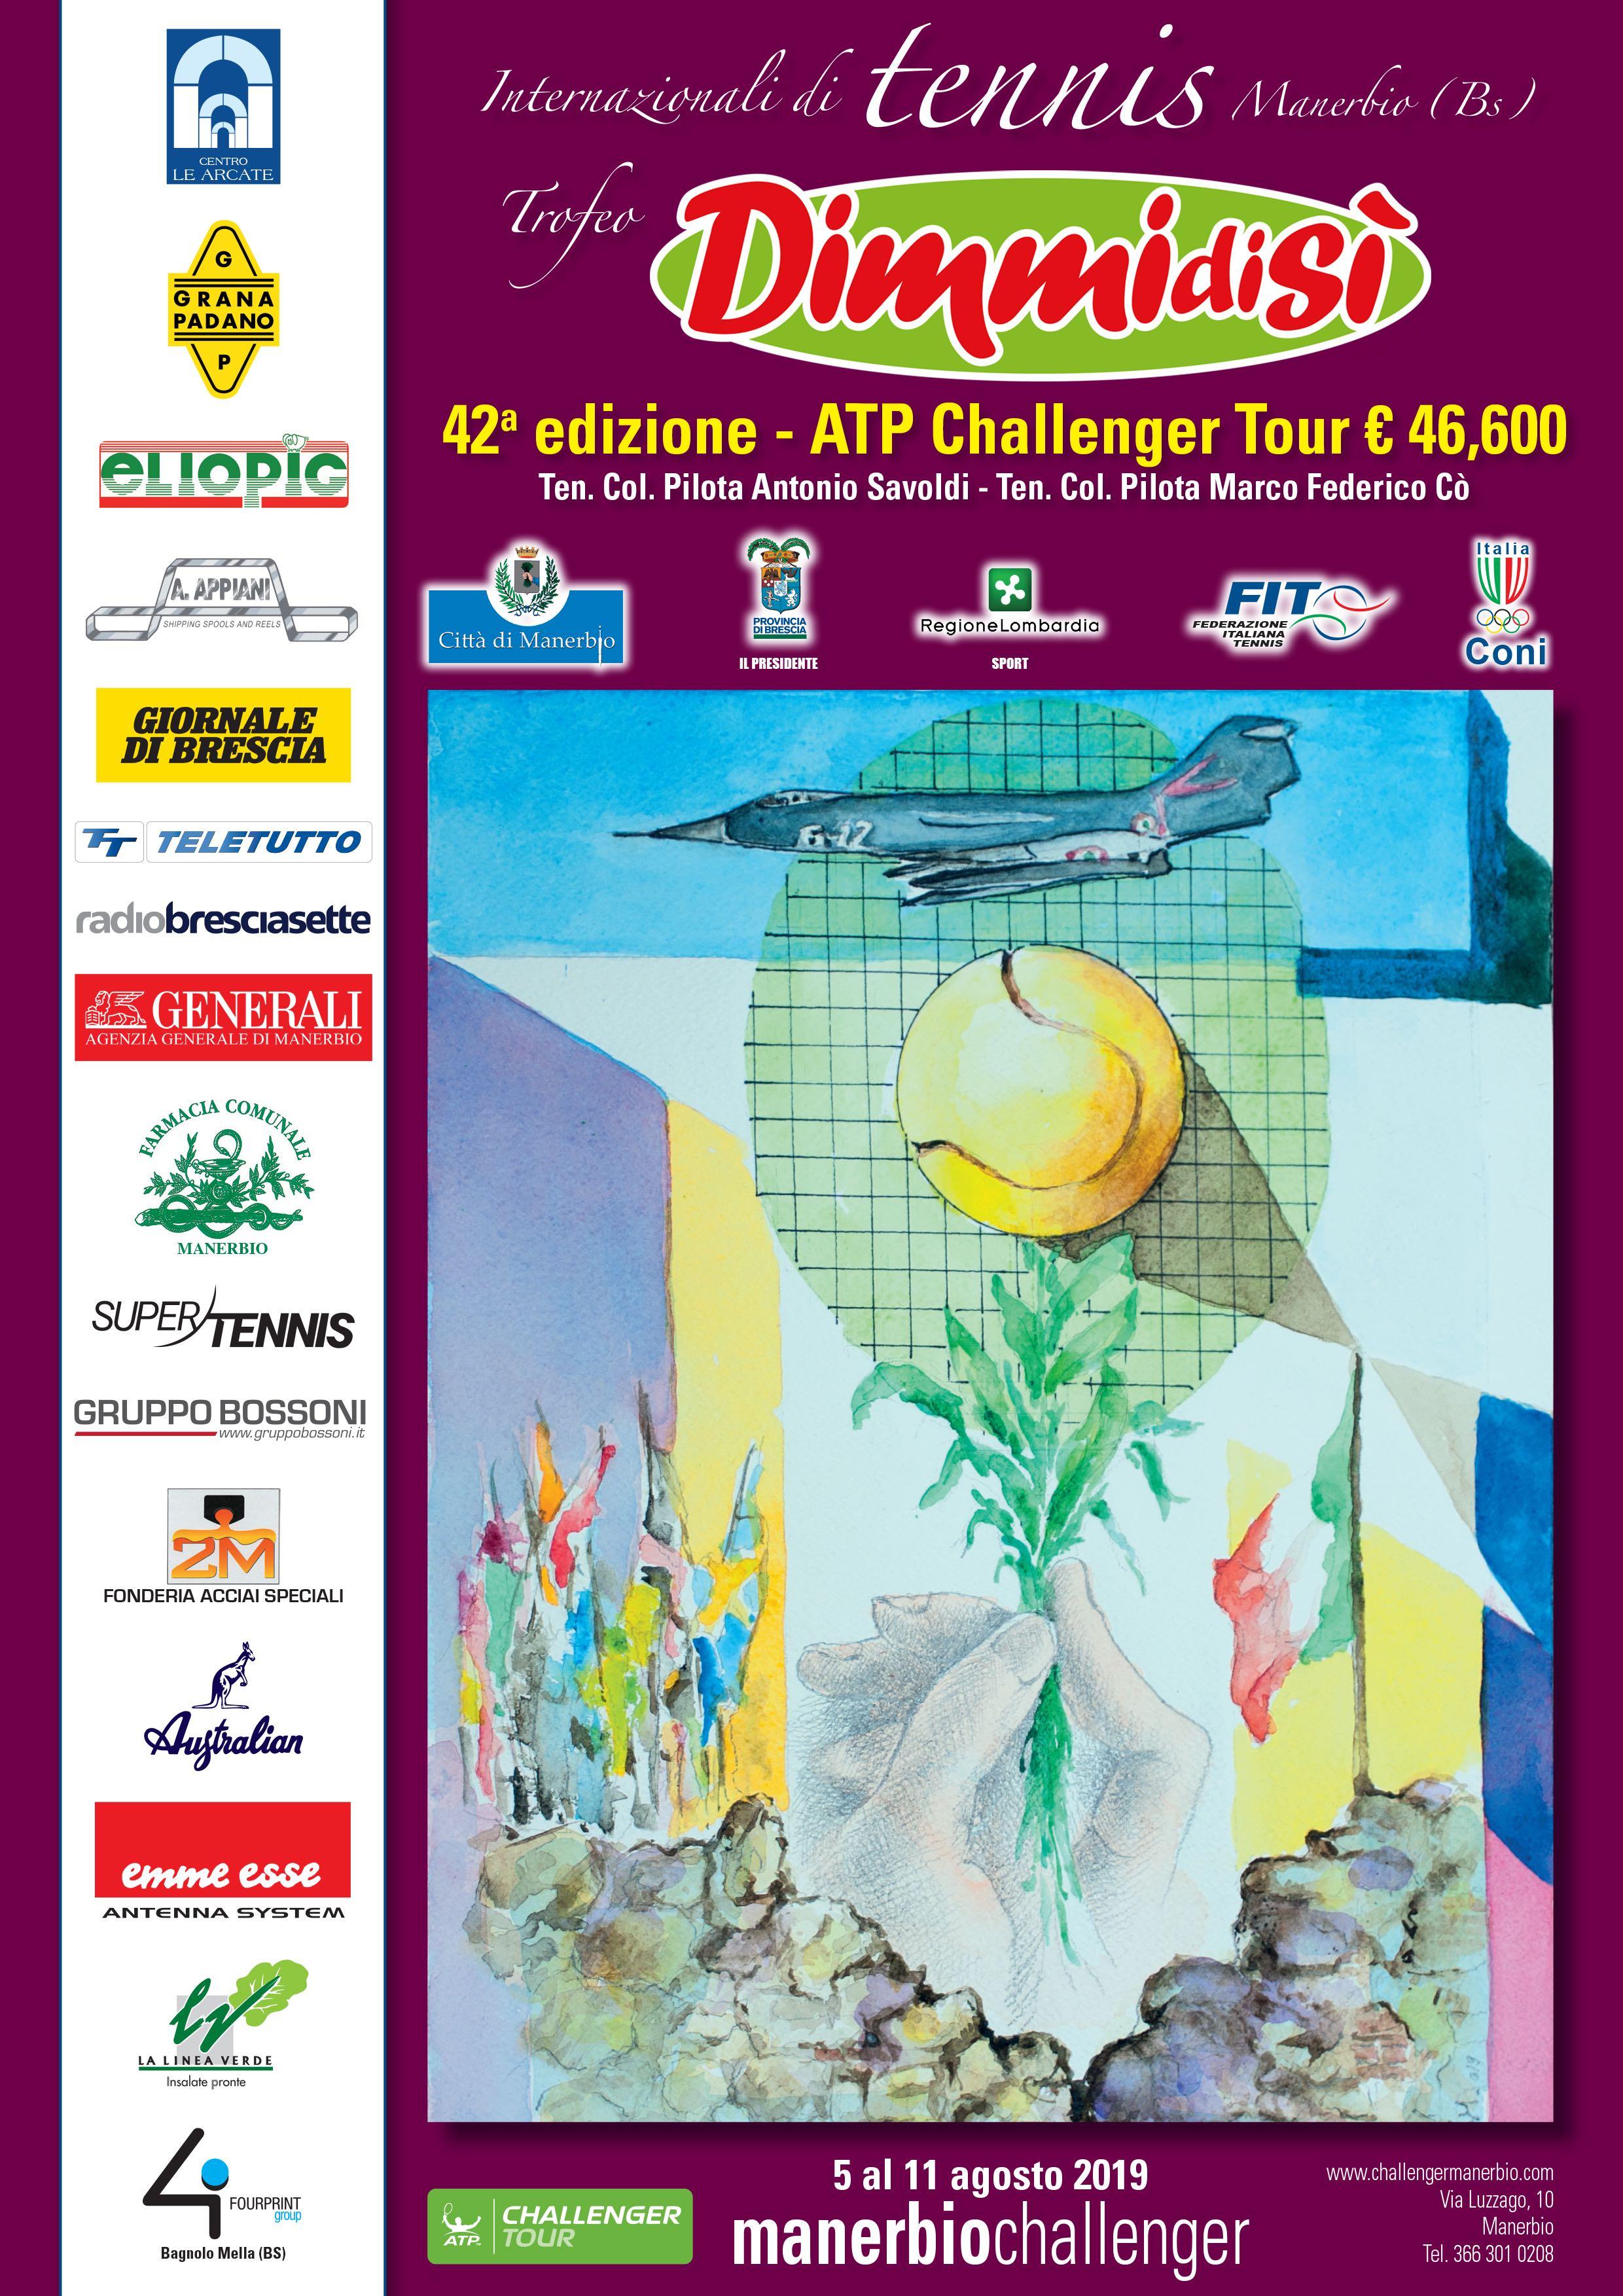 DimmidiSì Main Sponsor del 42° Torneo Internazionale di tennis Challenger ATP da € 46.600